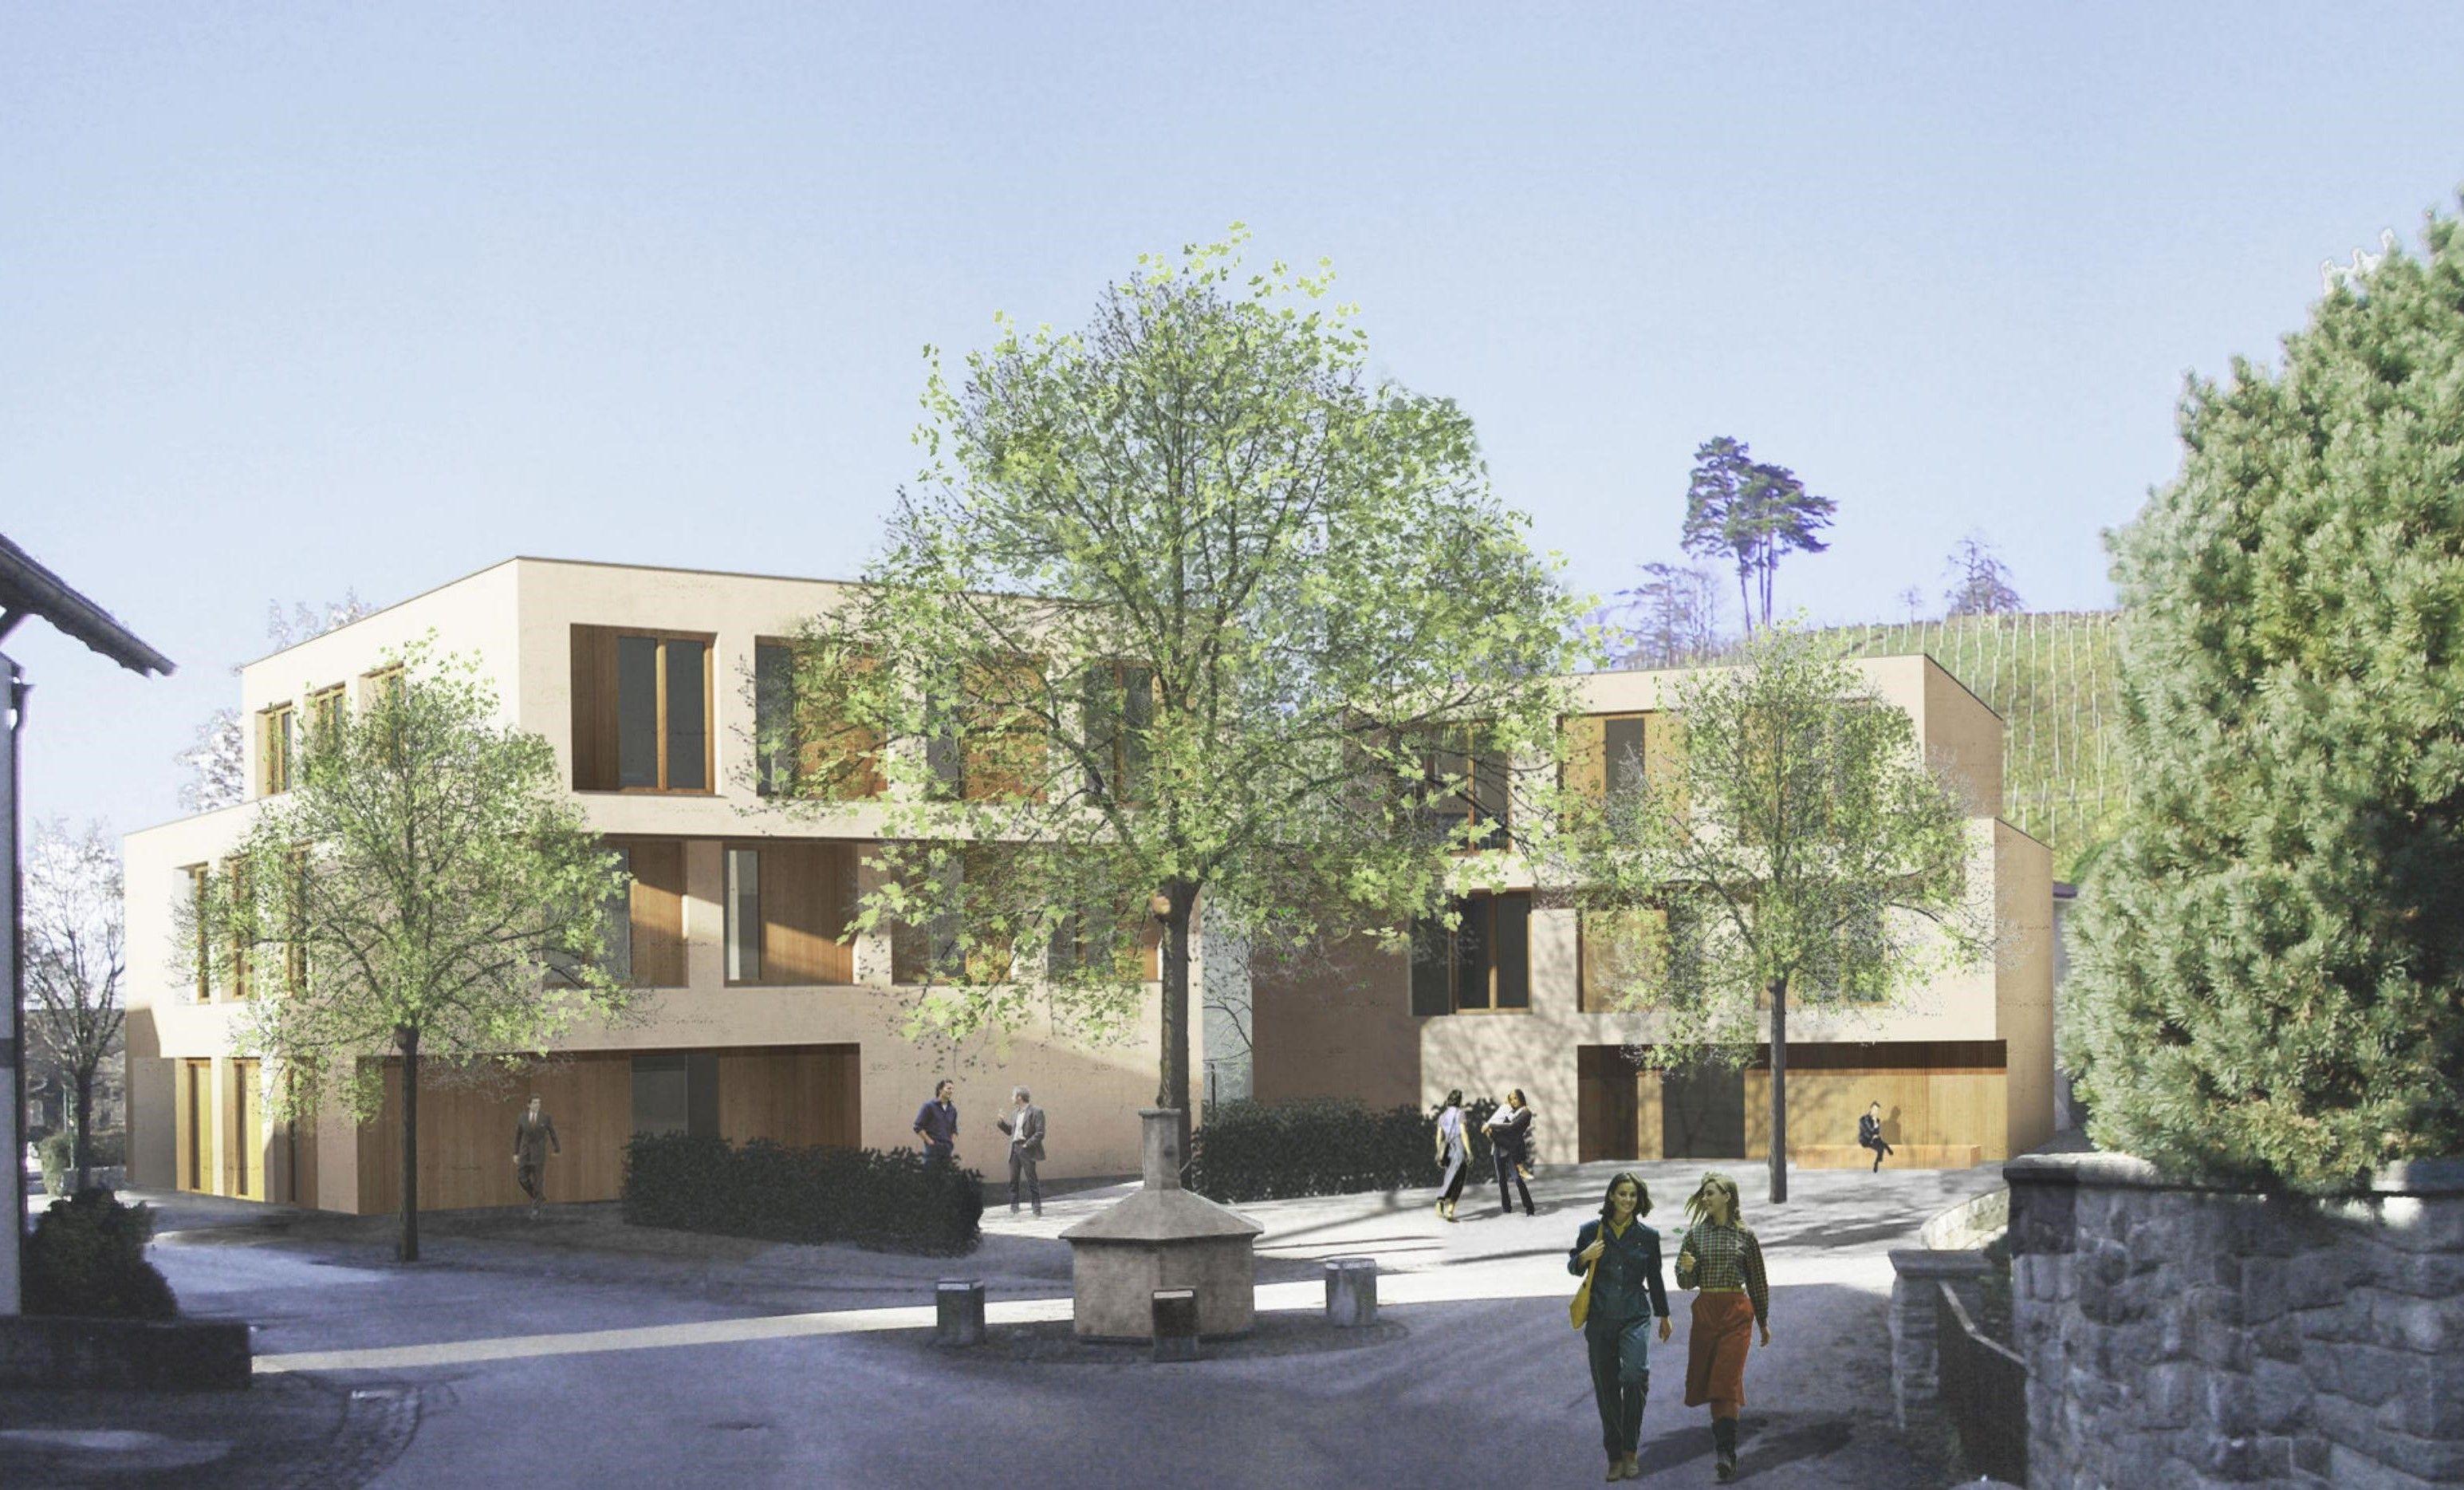 Am Torggel-Standort: Richtfest für neues Gebäude